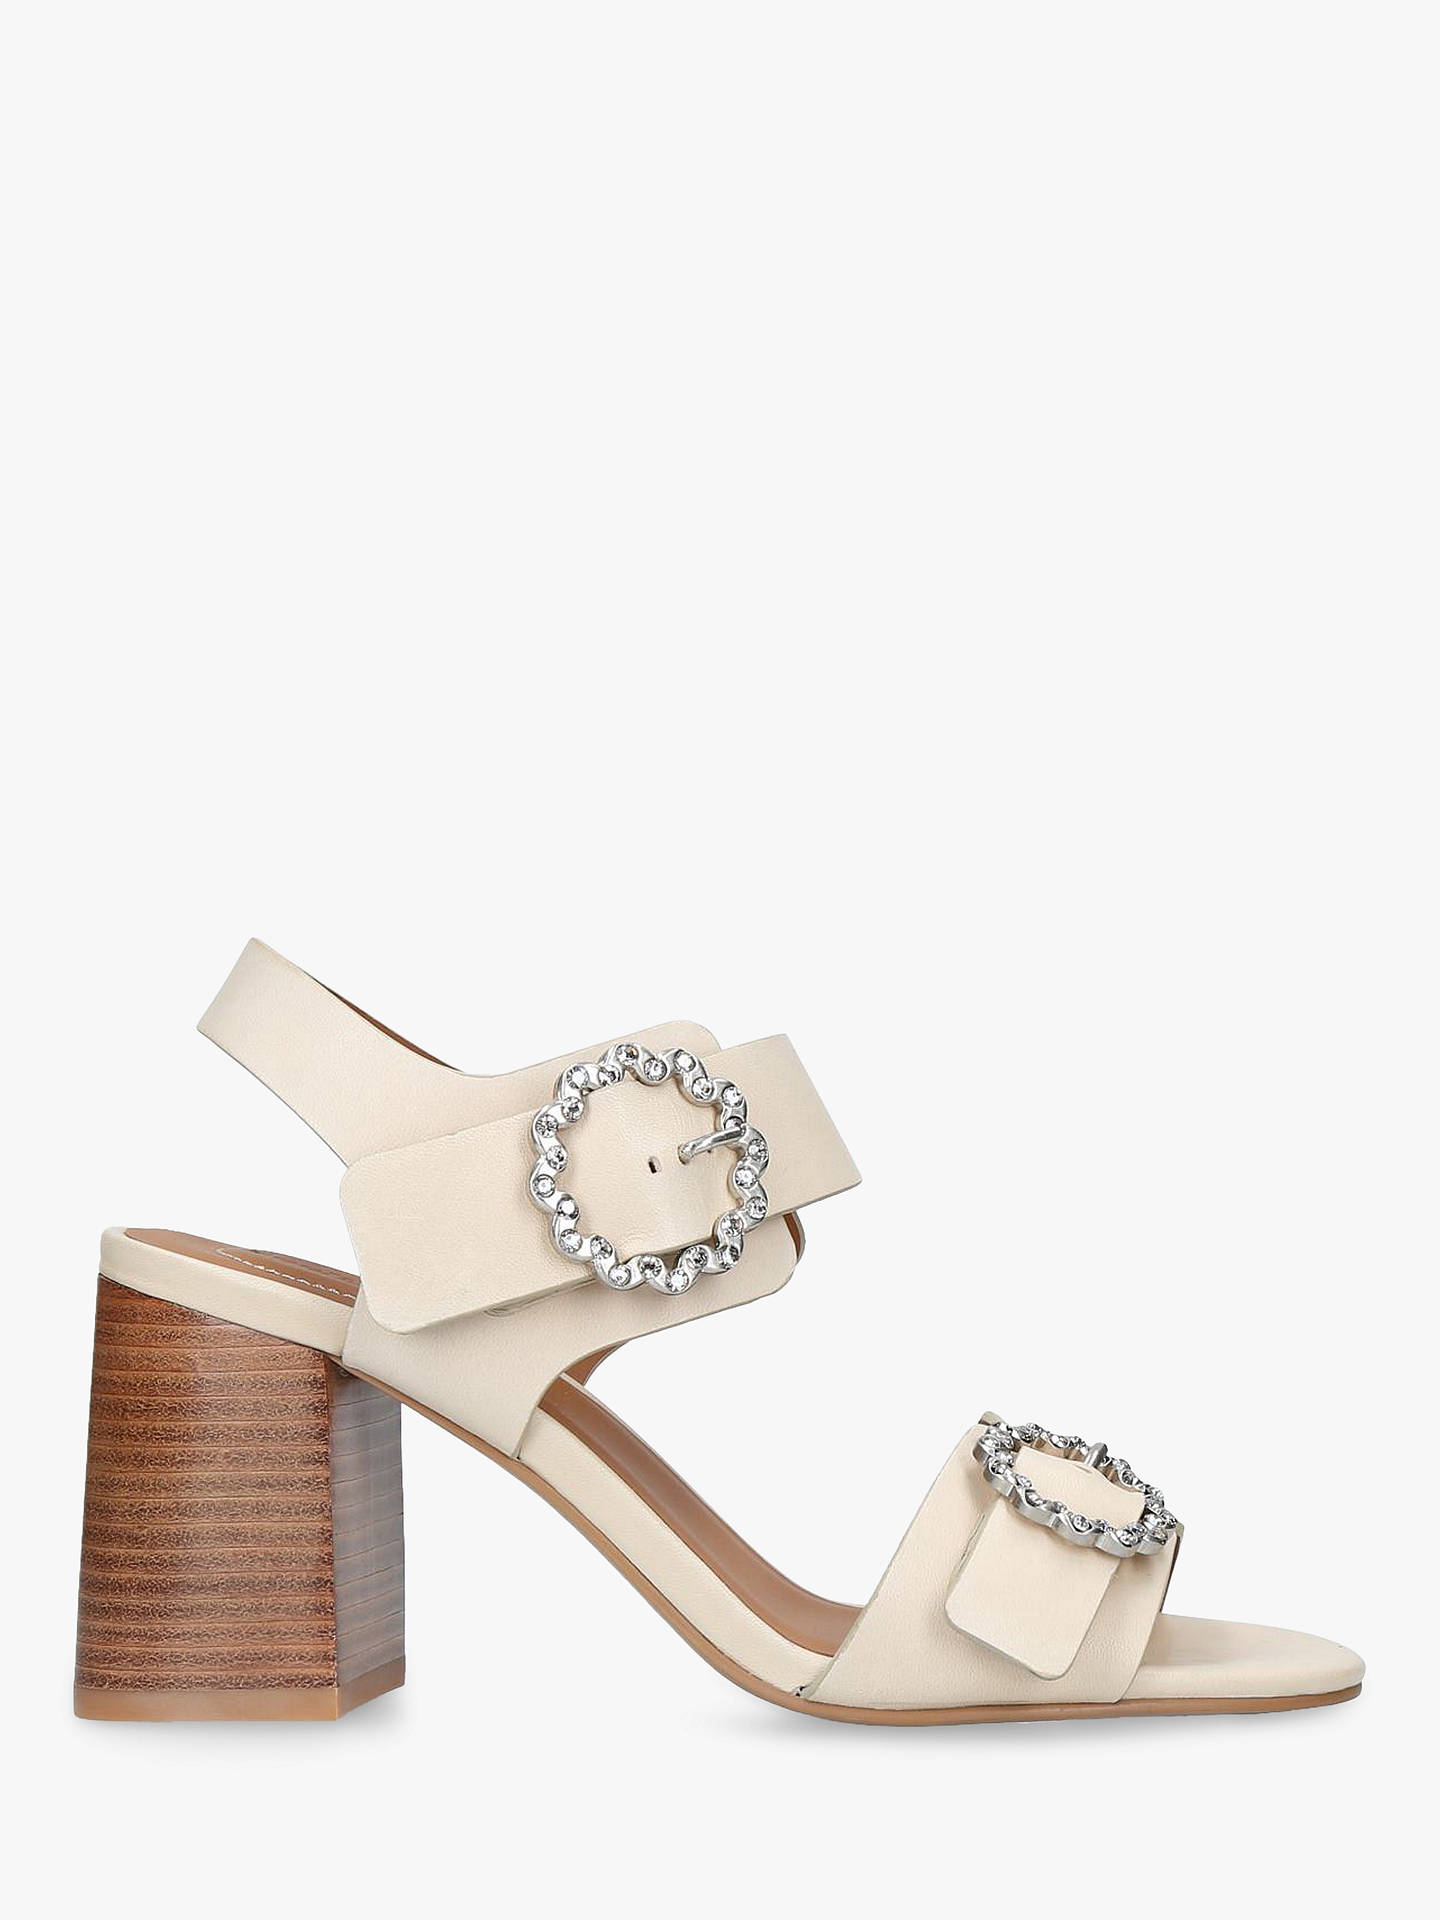 88c1fb2dc64618 Buy See By Chloé Flower Buckle Block Heel Sandals